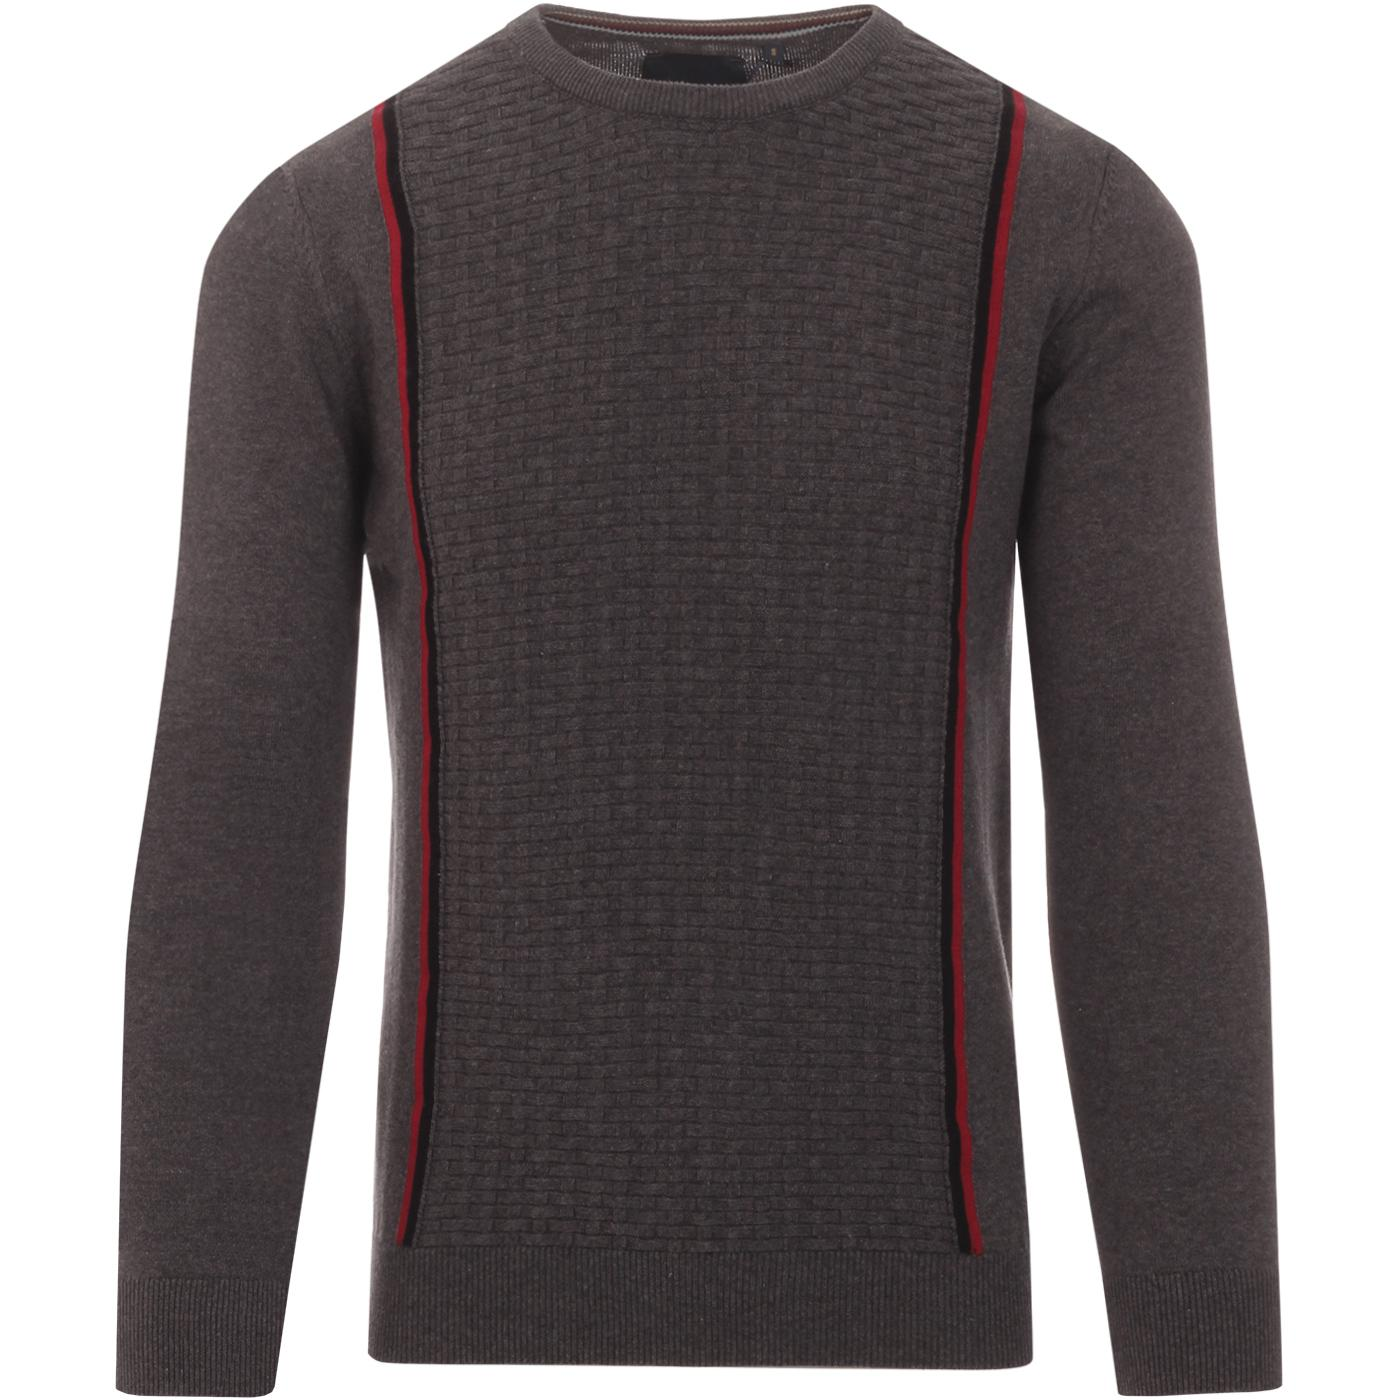 GUIDE LONDON Mod Basket Weave Knit Stripe Jumper G